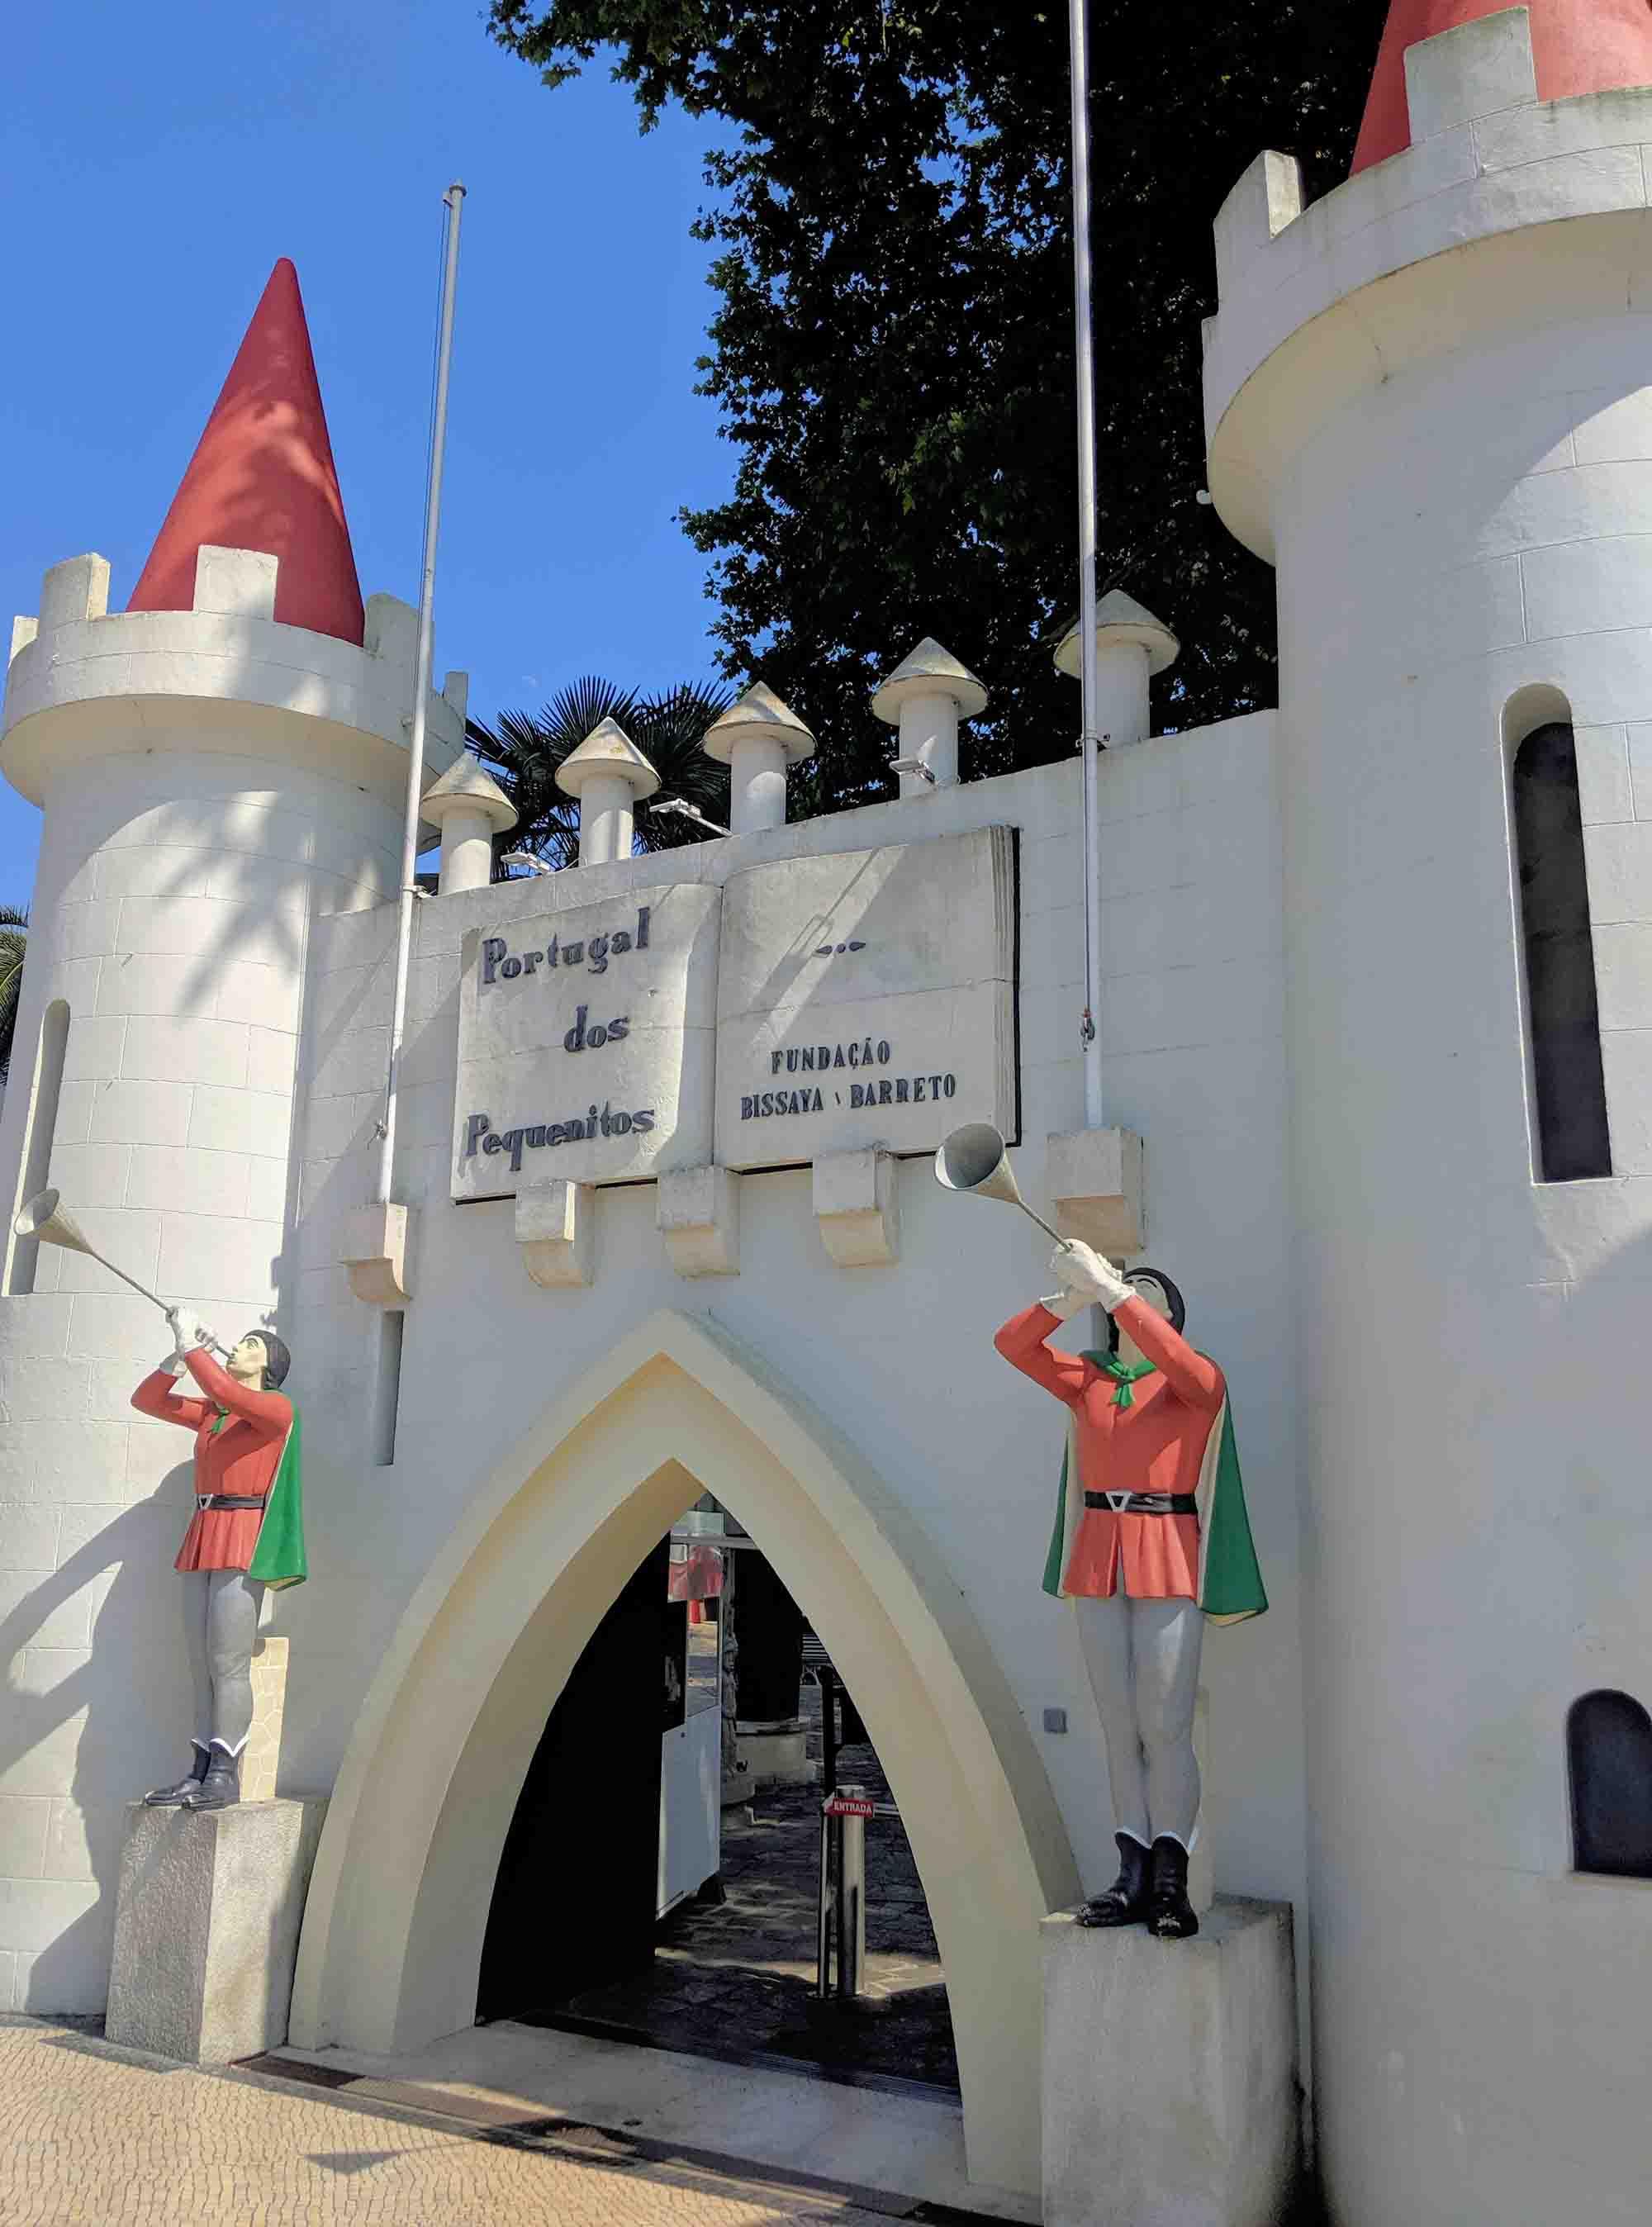 Portugal dos Pequenitos Entrance